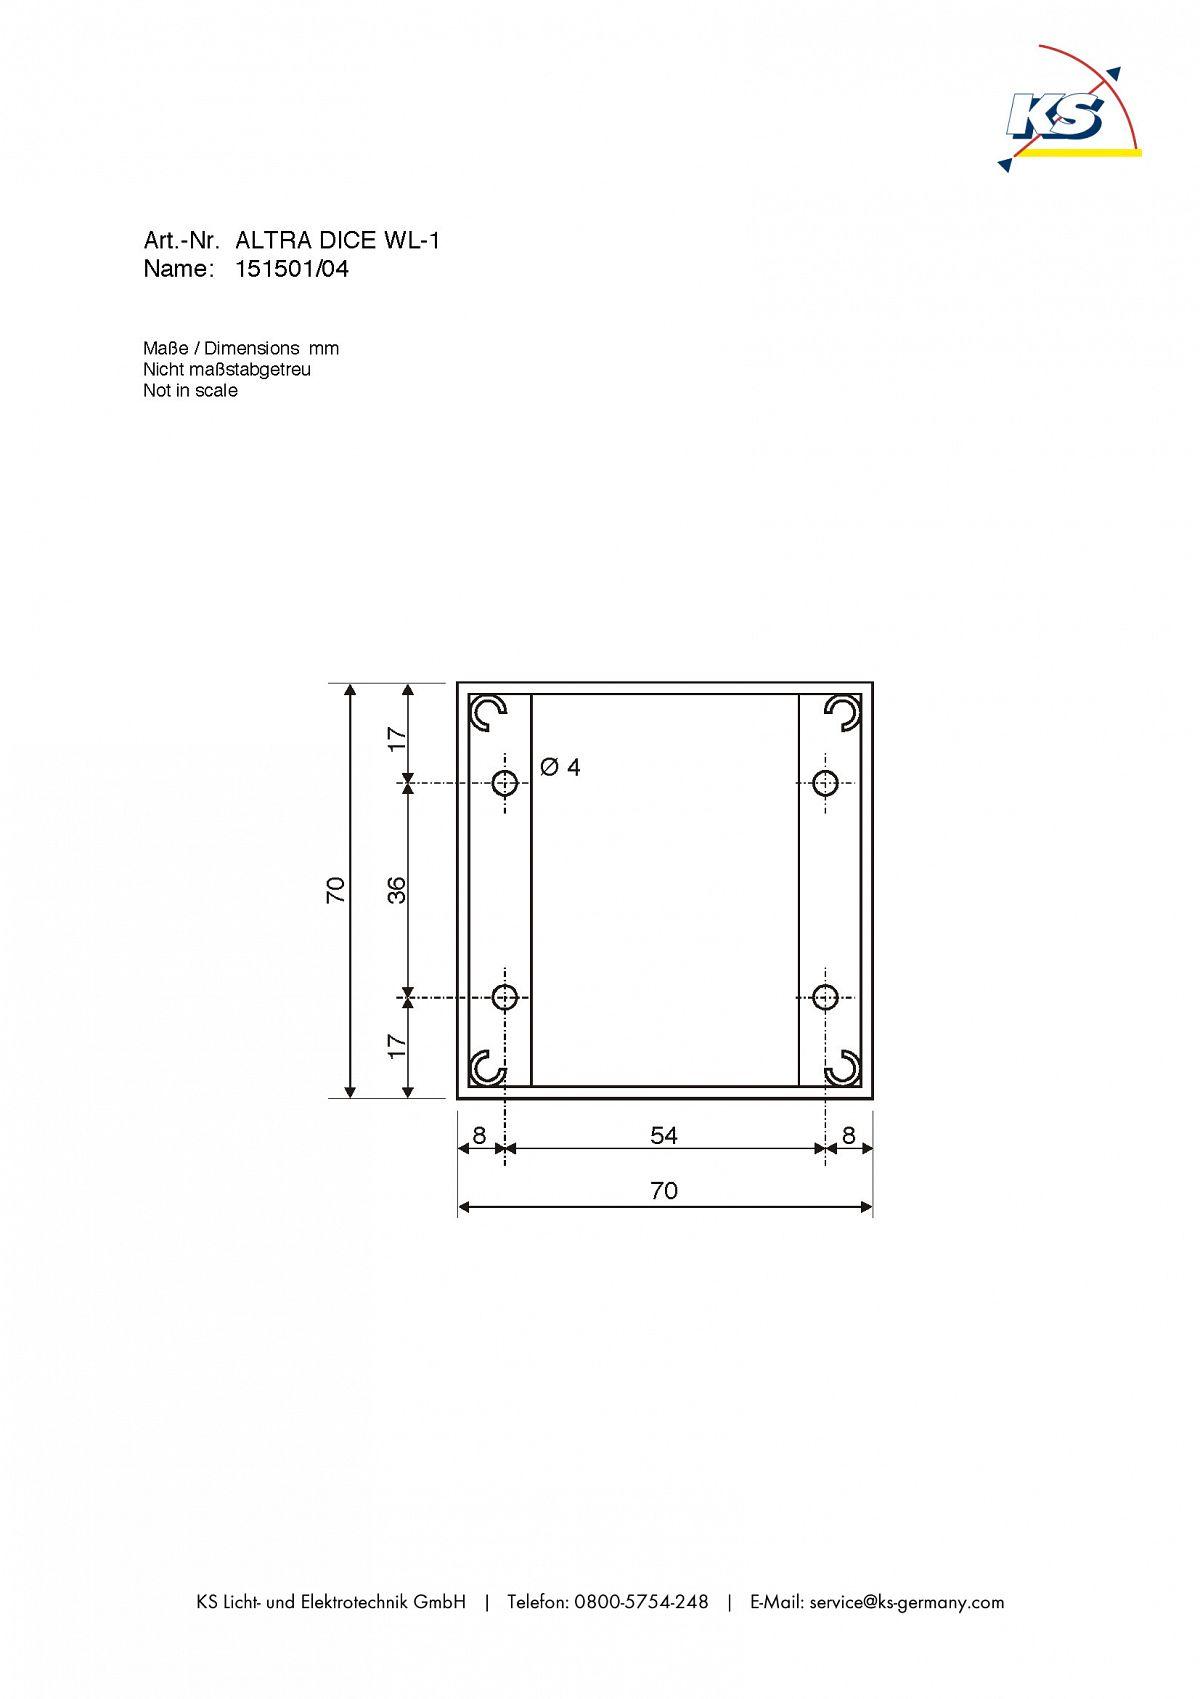 wandleuchte altra dice silbergrau schwarz ks licht onlineshop leuchten aus essen. Black Bedroom Furniture Sets. Home Design Ideas